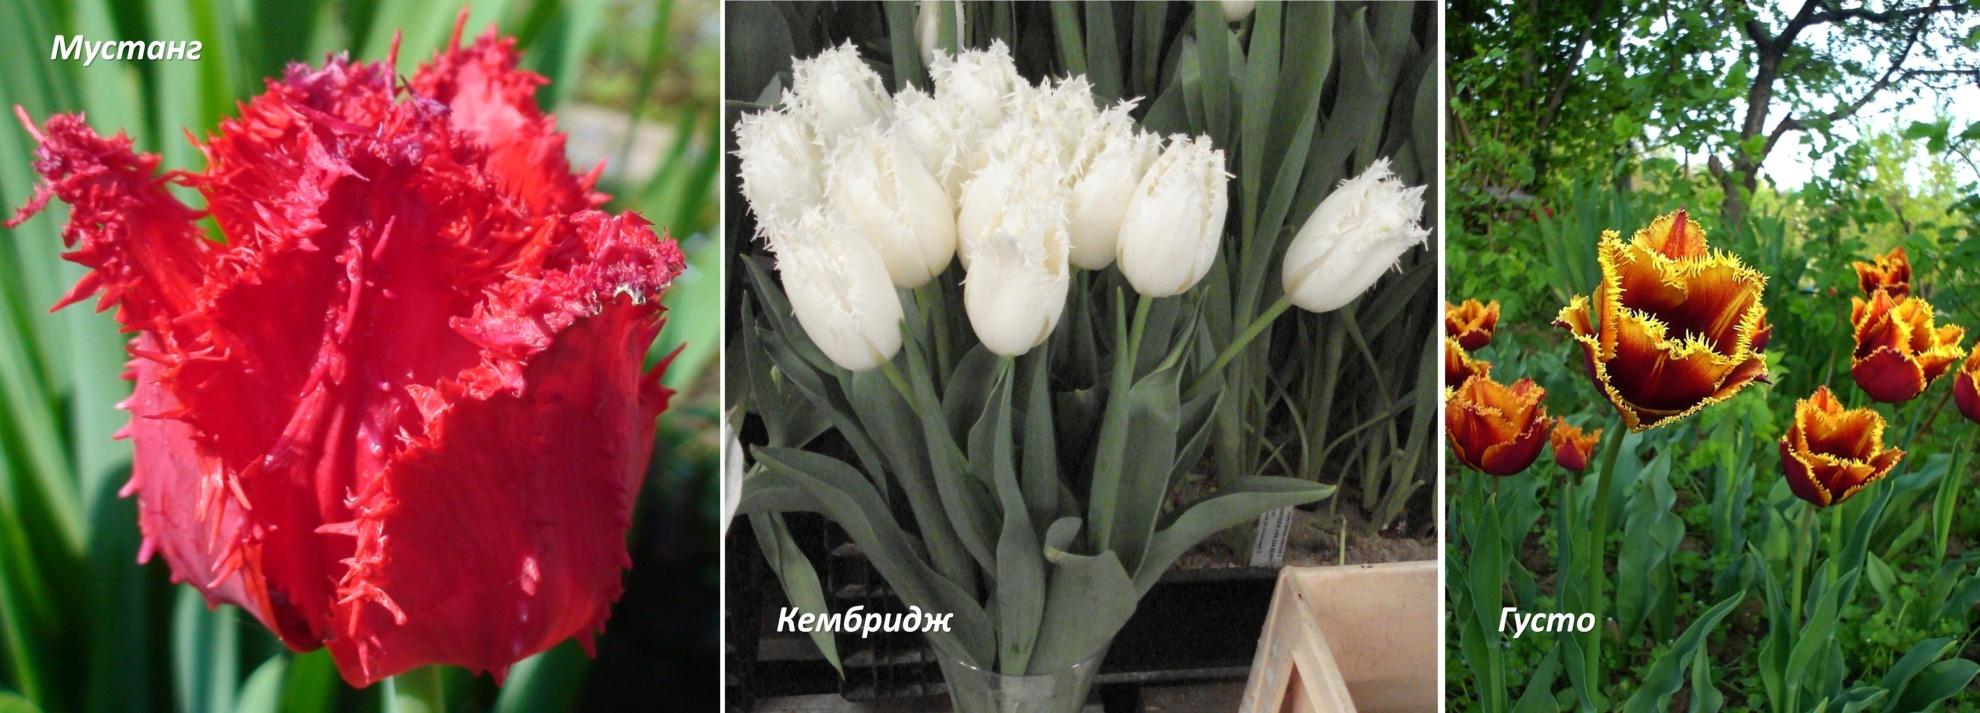 сорта тюльпанов фото и названия с описанием неделю заканчиваю